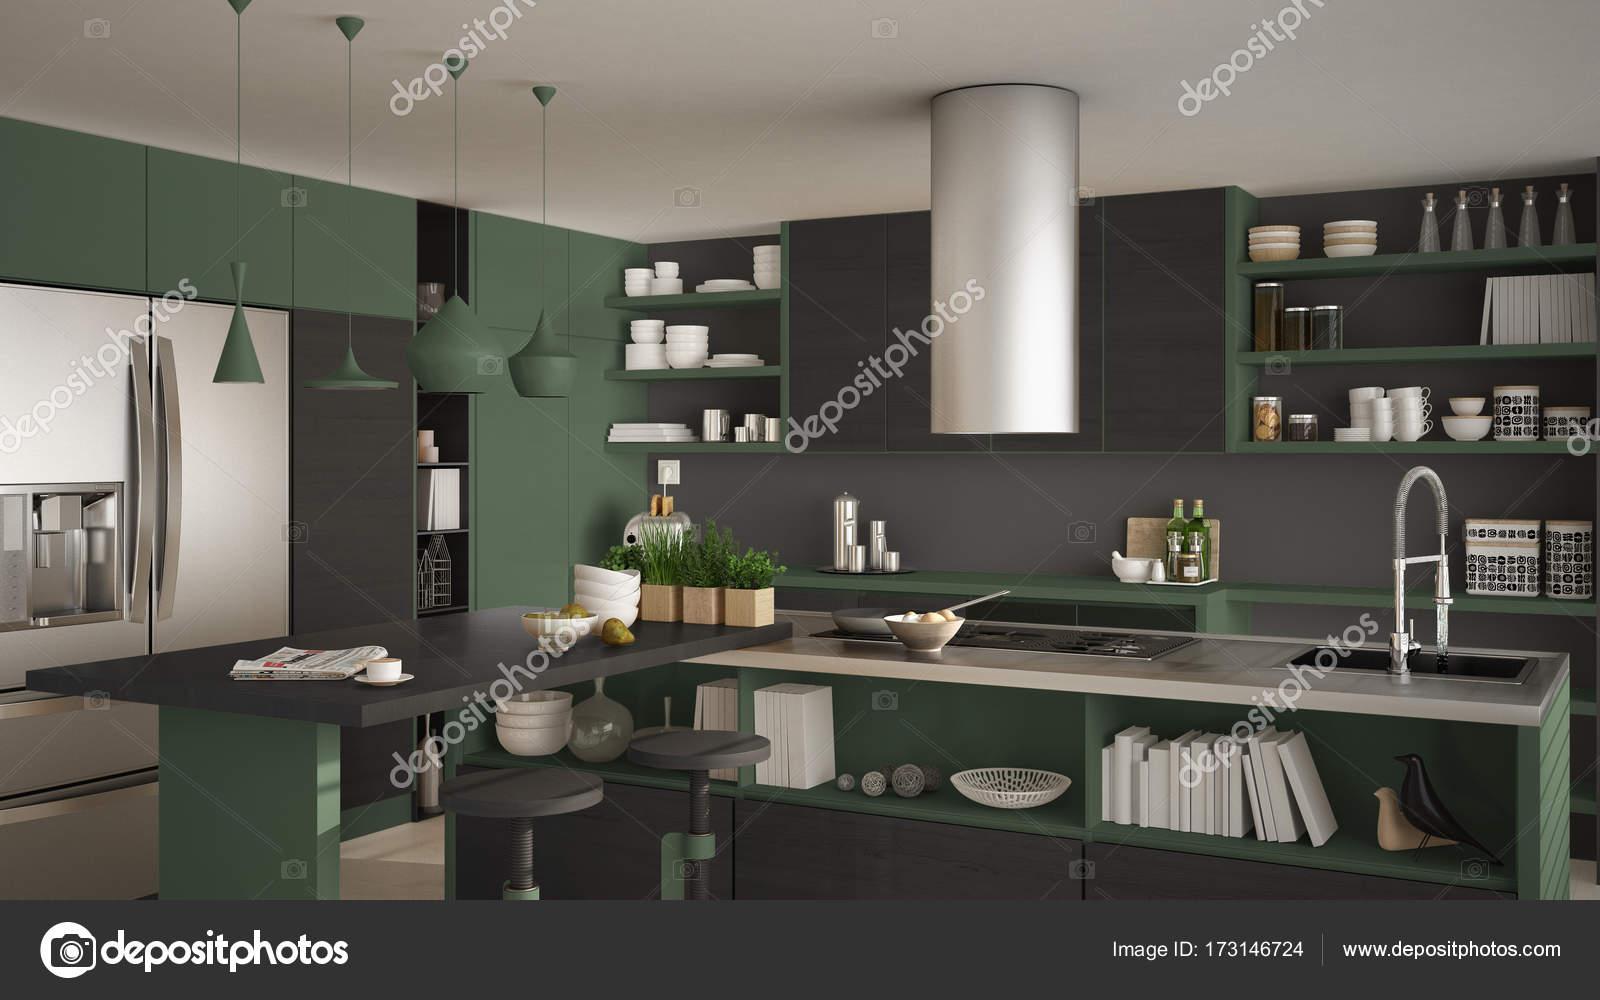 Cucina moderna in legno con particolari in legno primi piani